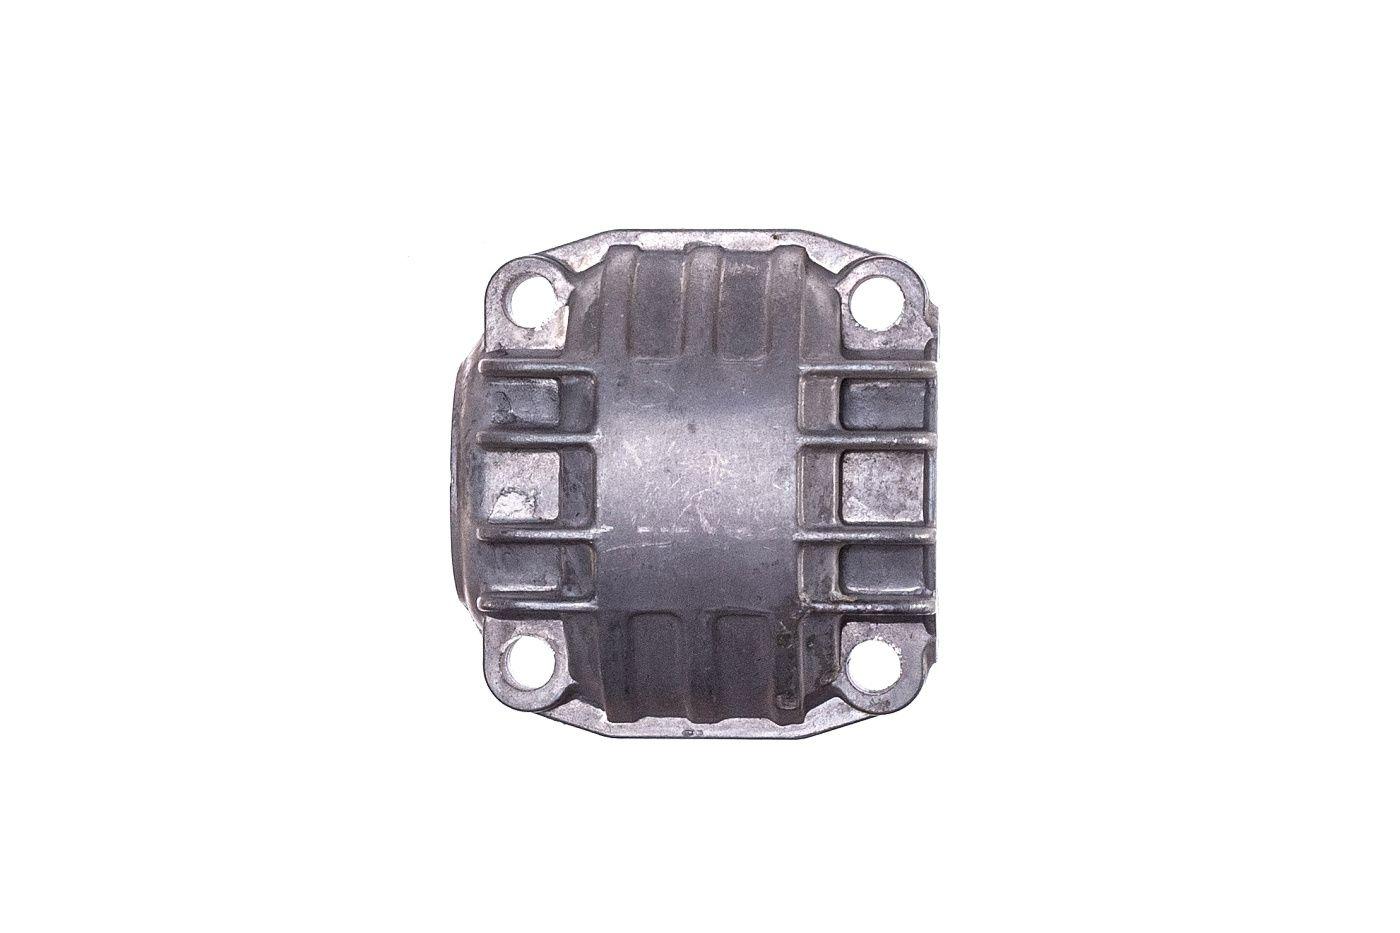 Spodní kryt motoru Poulan 2500